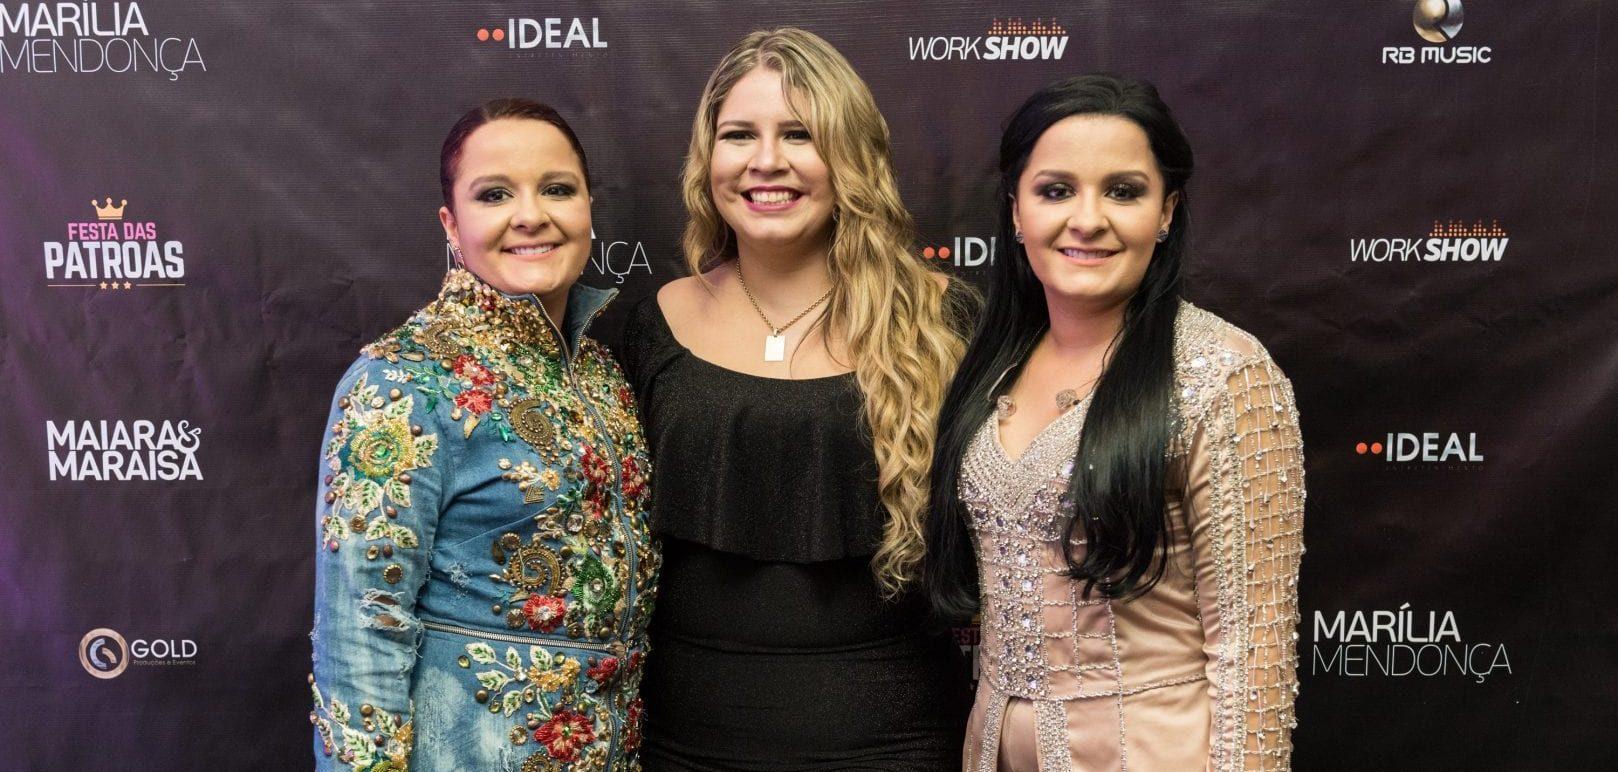 Marília Mendonça e Maiara e Maraisa farão live juntas, após ...